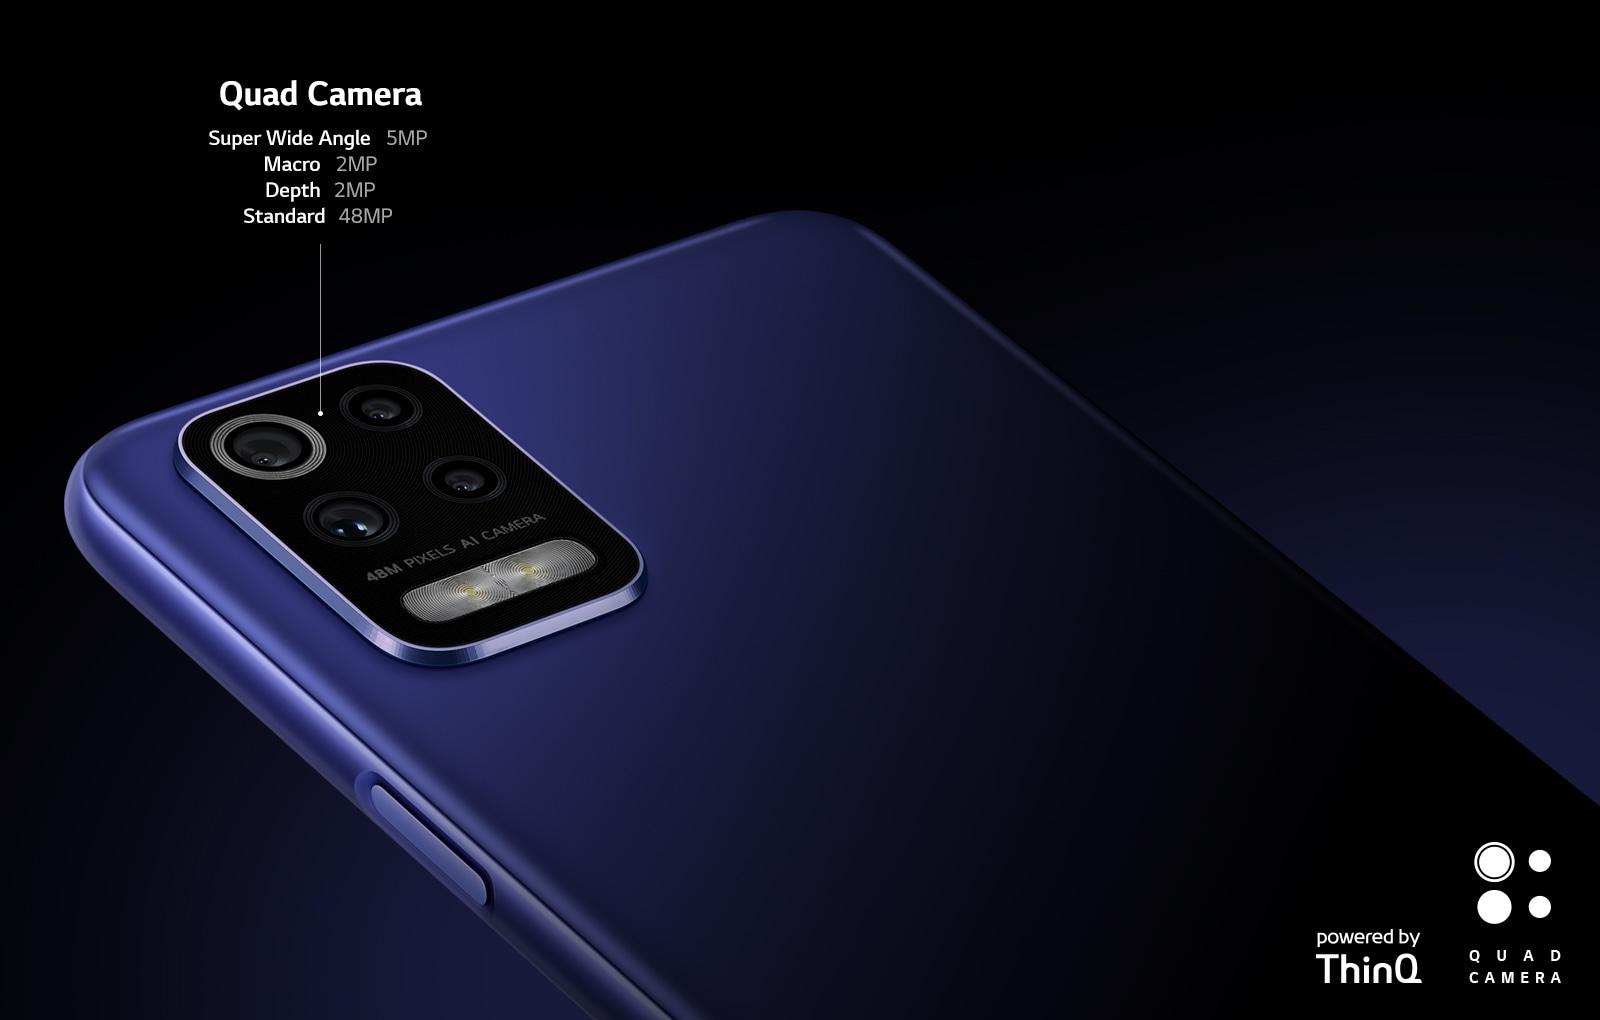 Vista trasera de un smartphone que muestra cuatro cámaras.